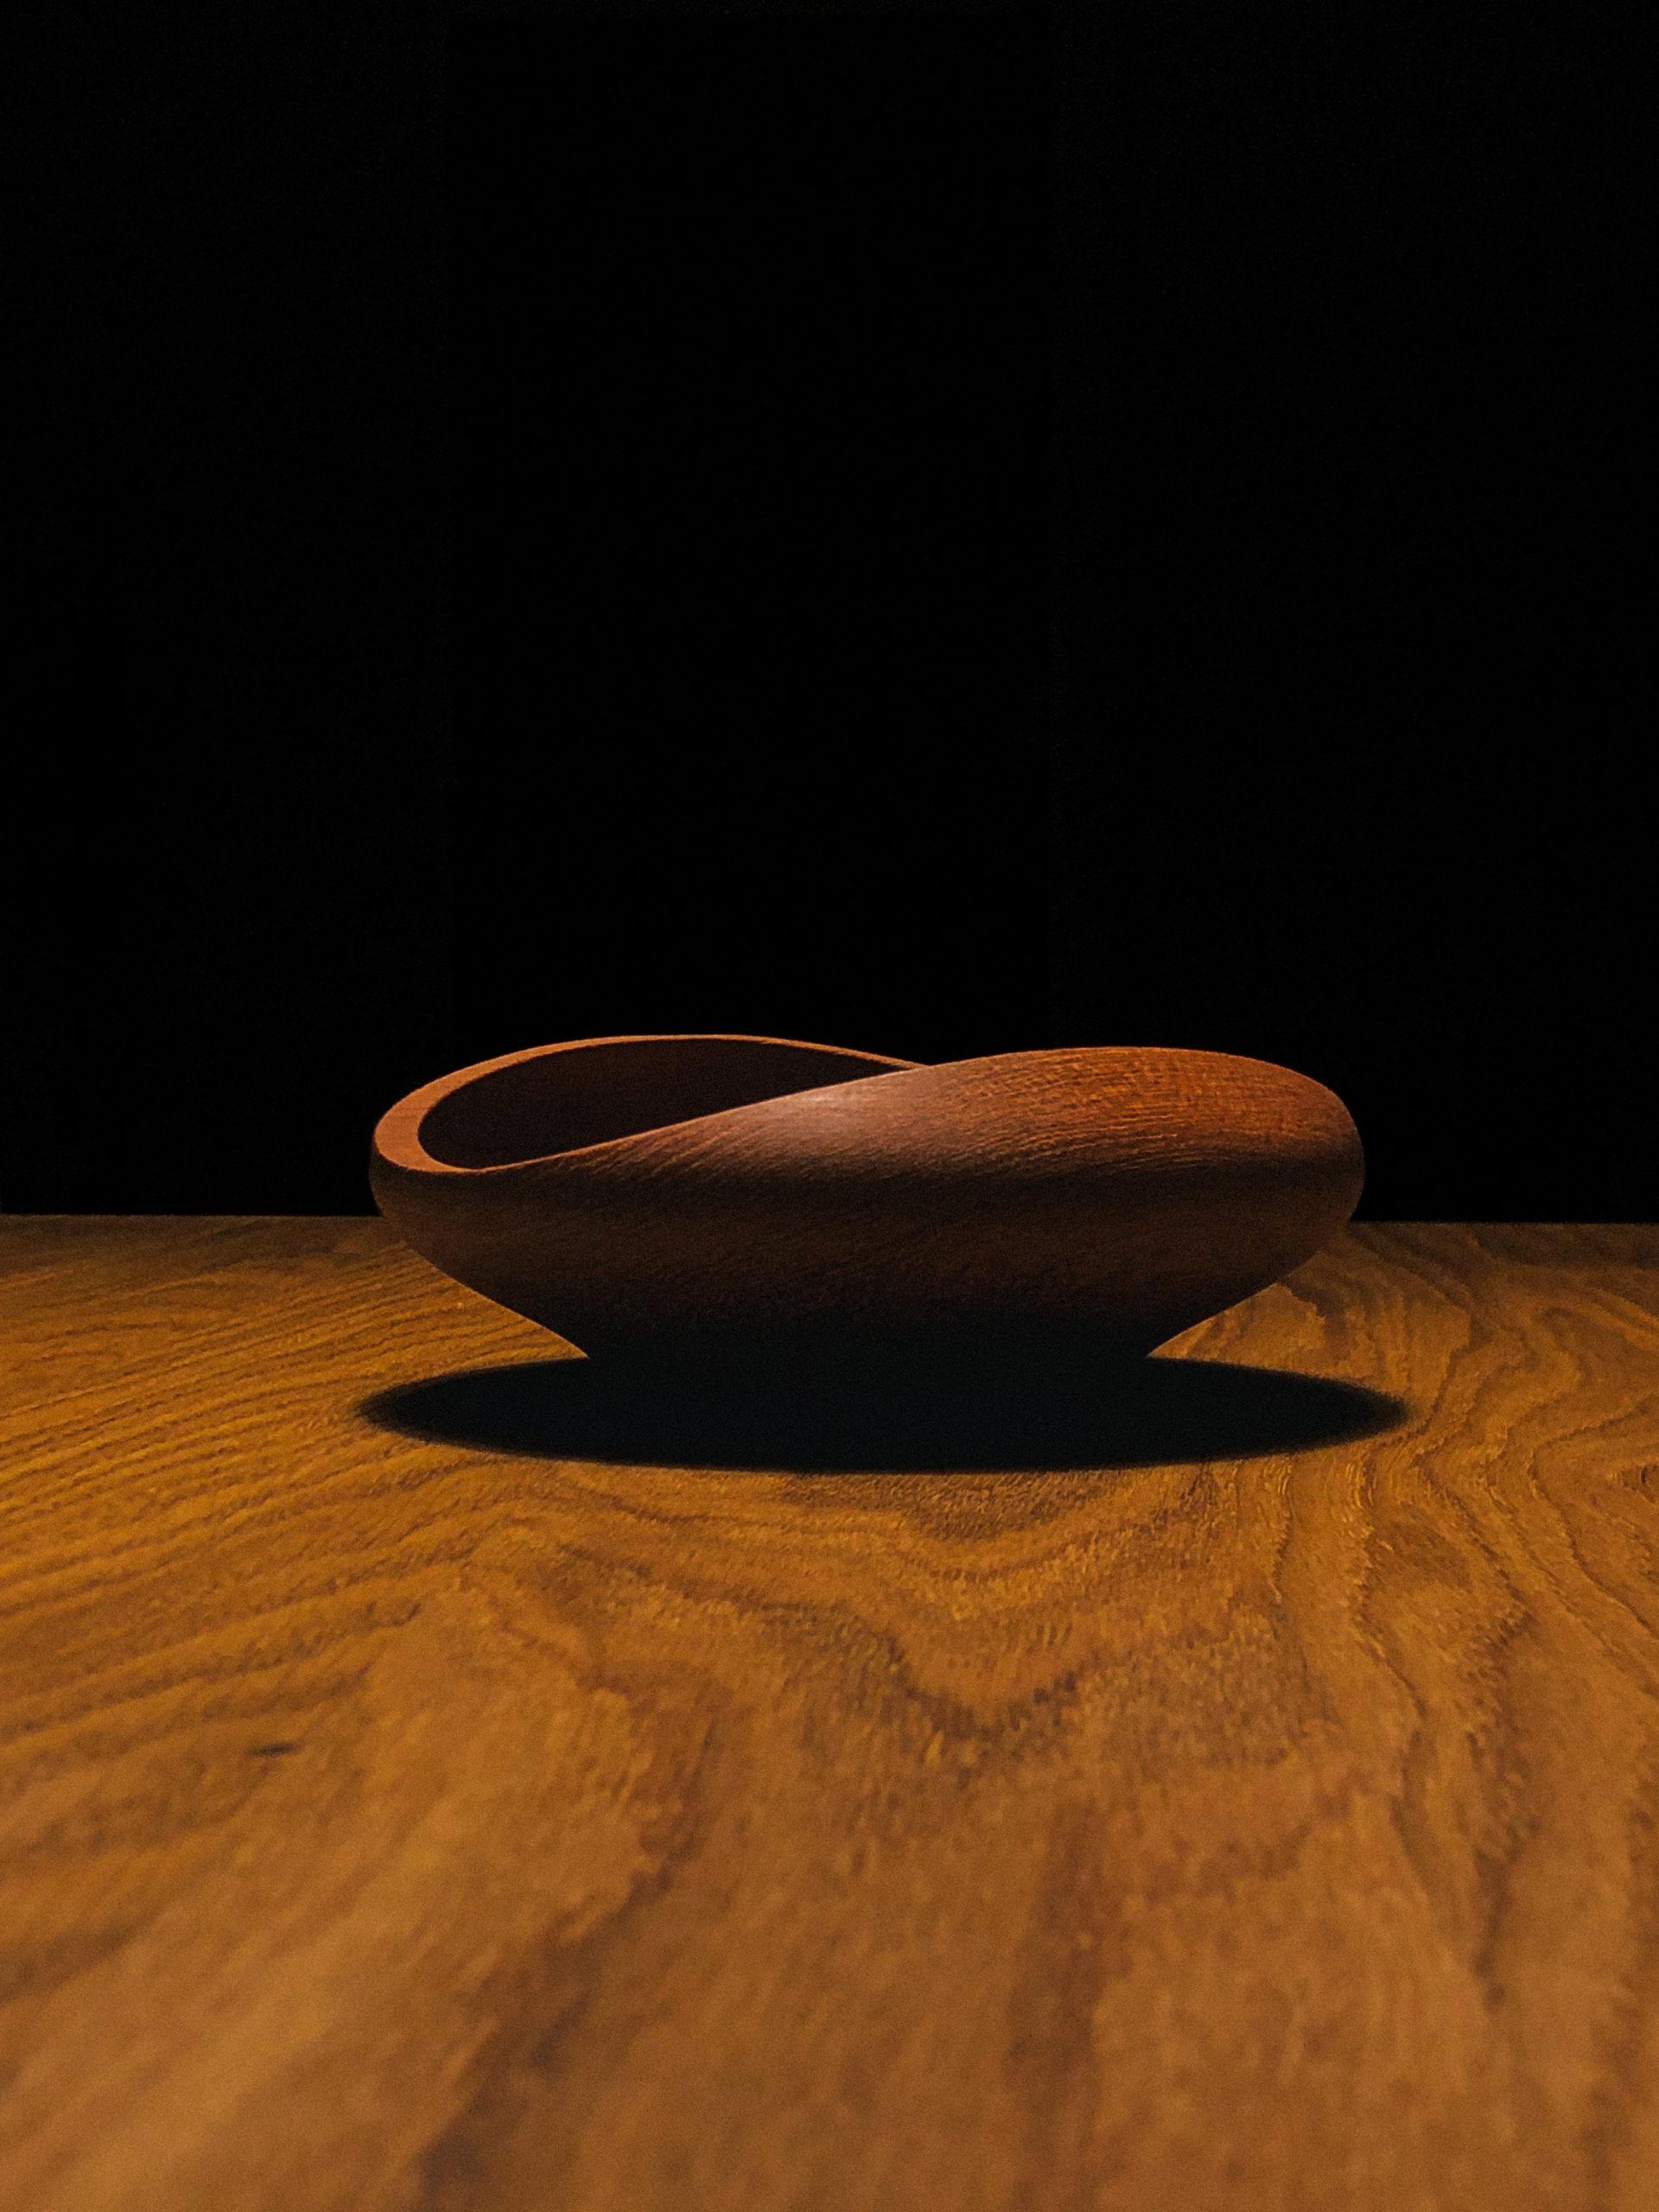 Architectmade-FJ-Bowl-15-Teak-Wood-Denmark-Finn-Juhl-7